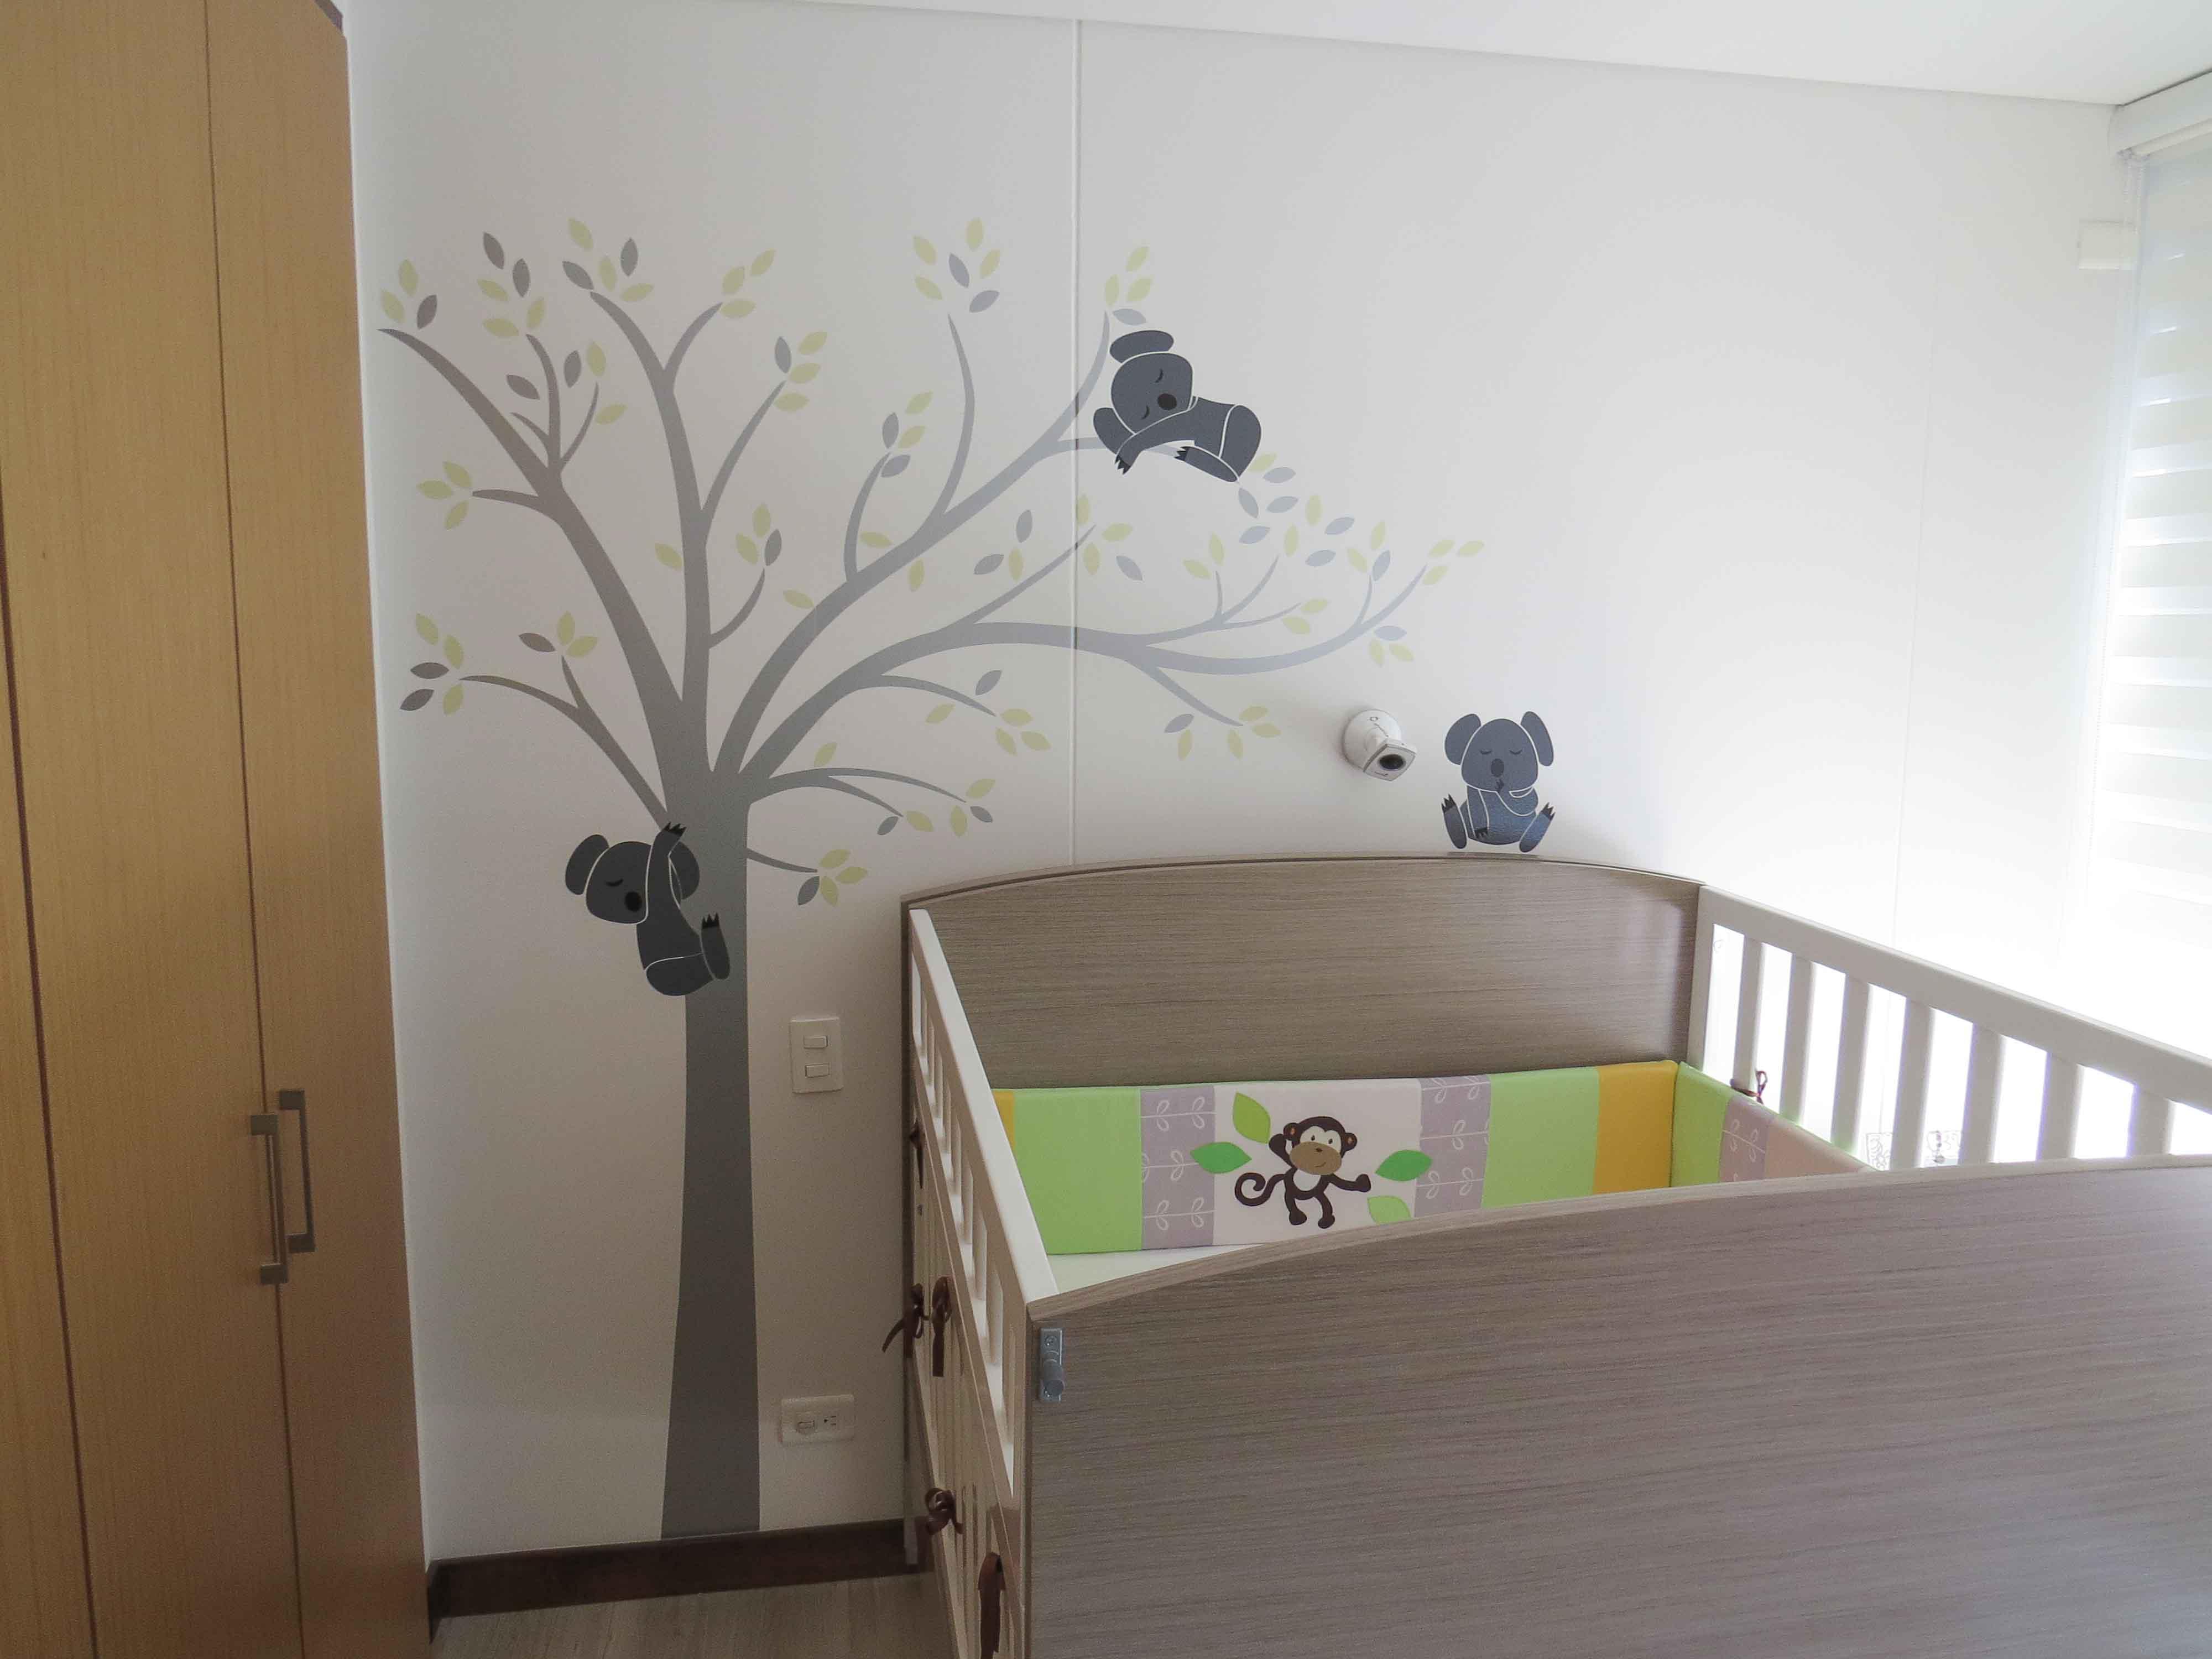 Vinilo Decorativo Infantil Koalas